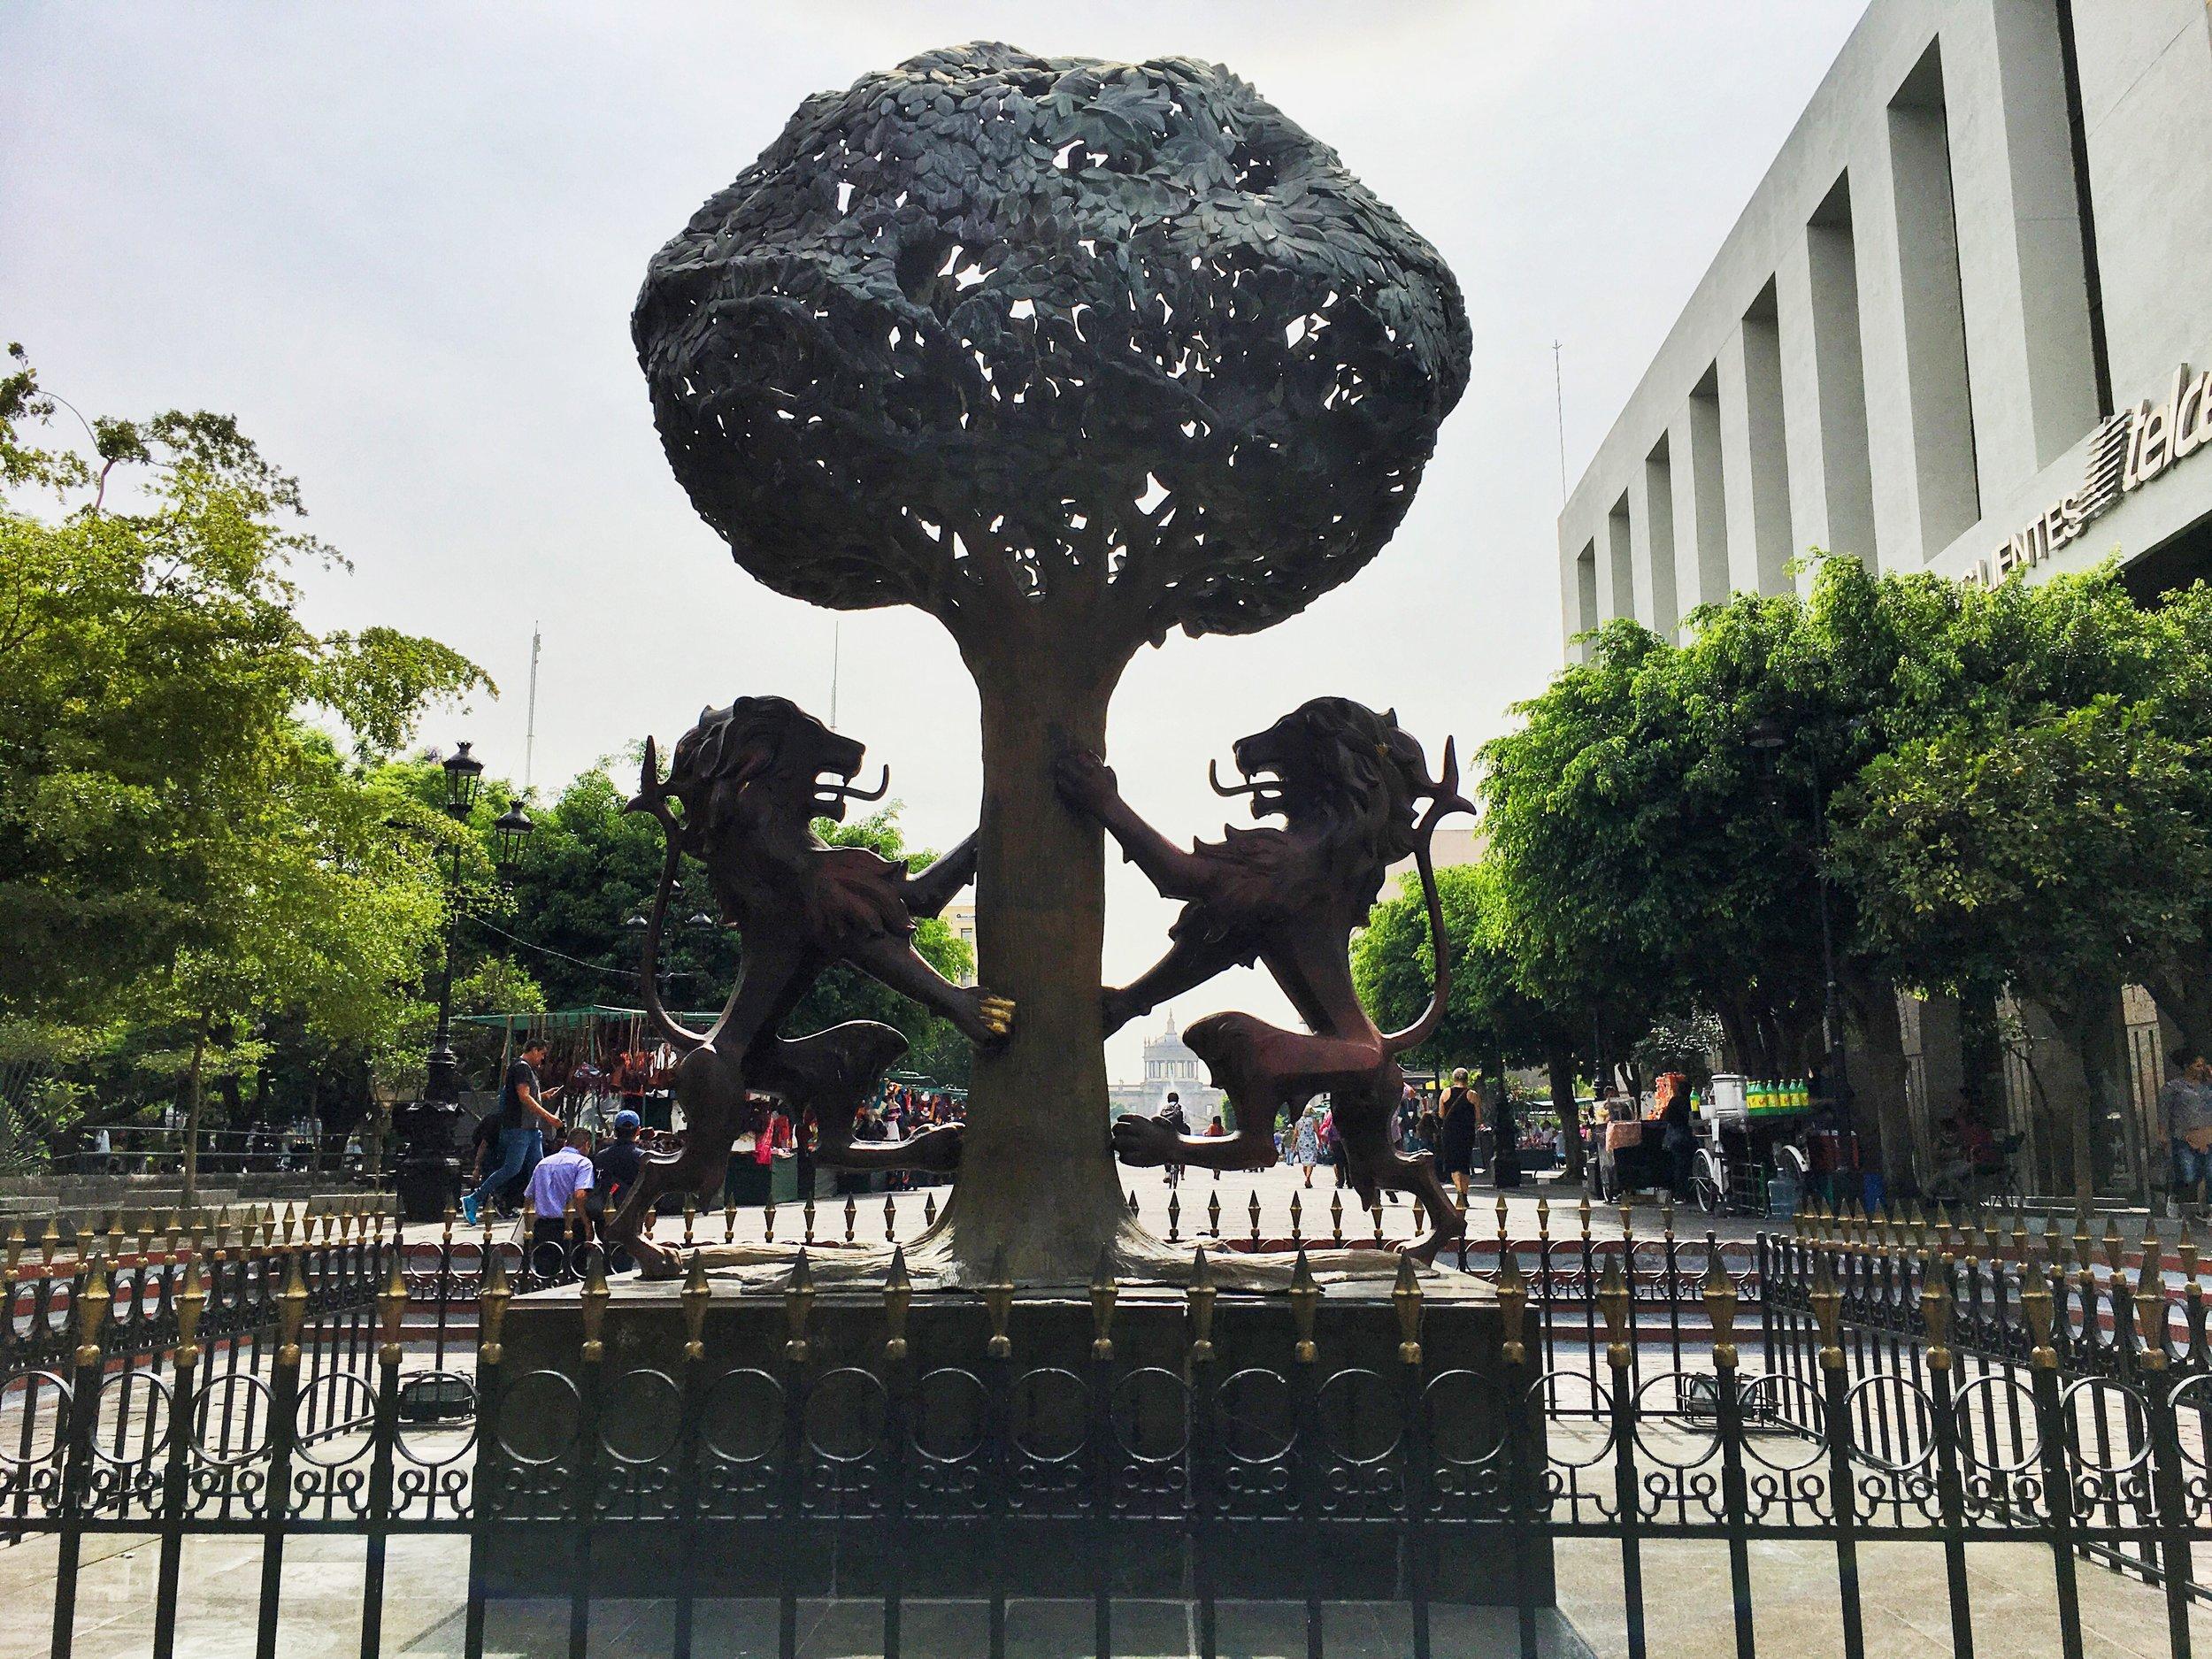 The icon designed to represent Guadalajara